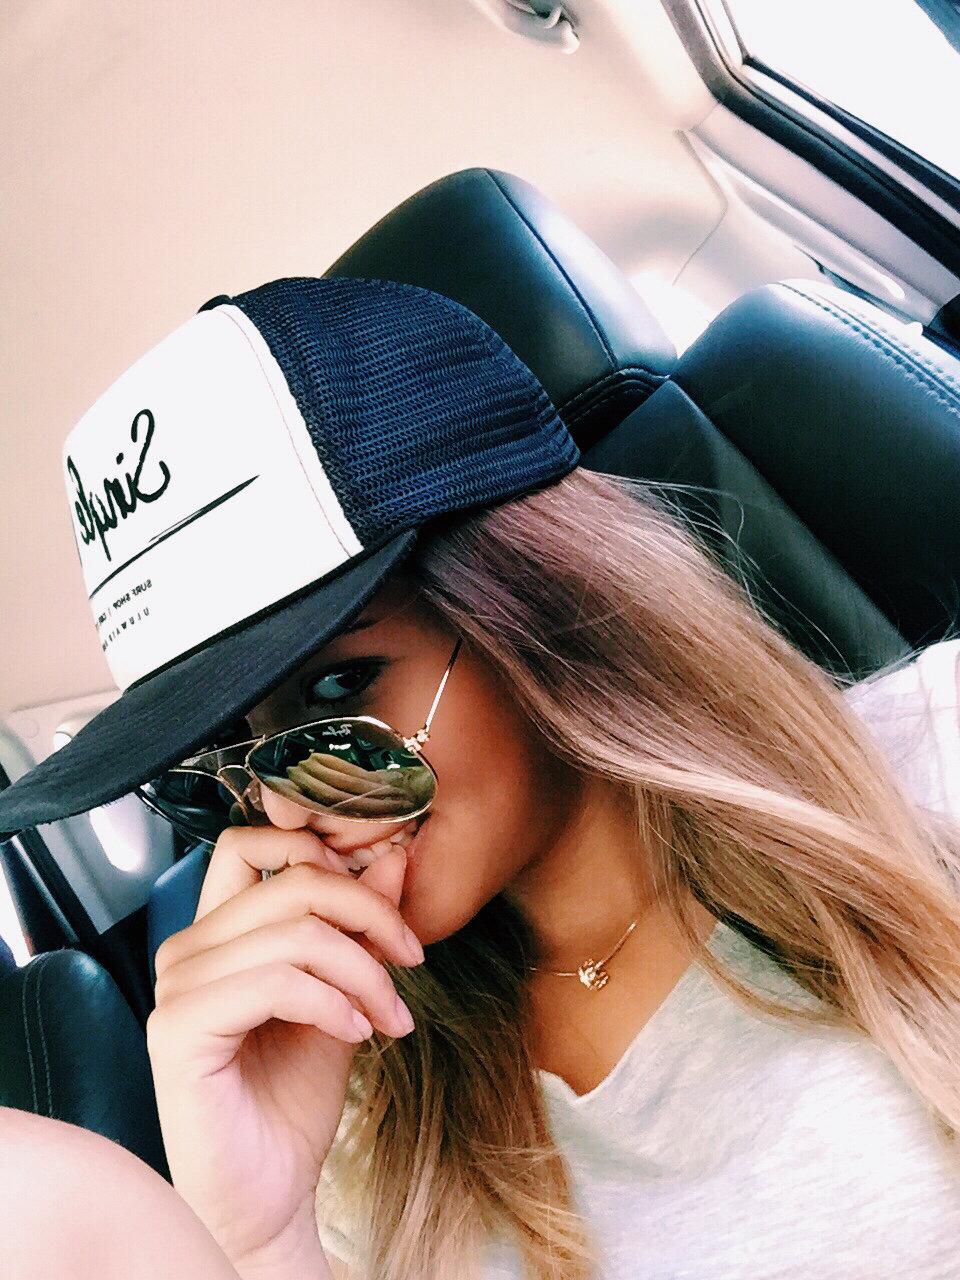 Красивые девушки картинки в кепках